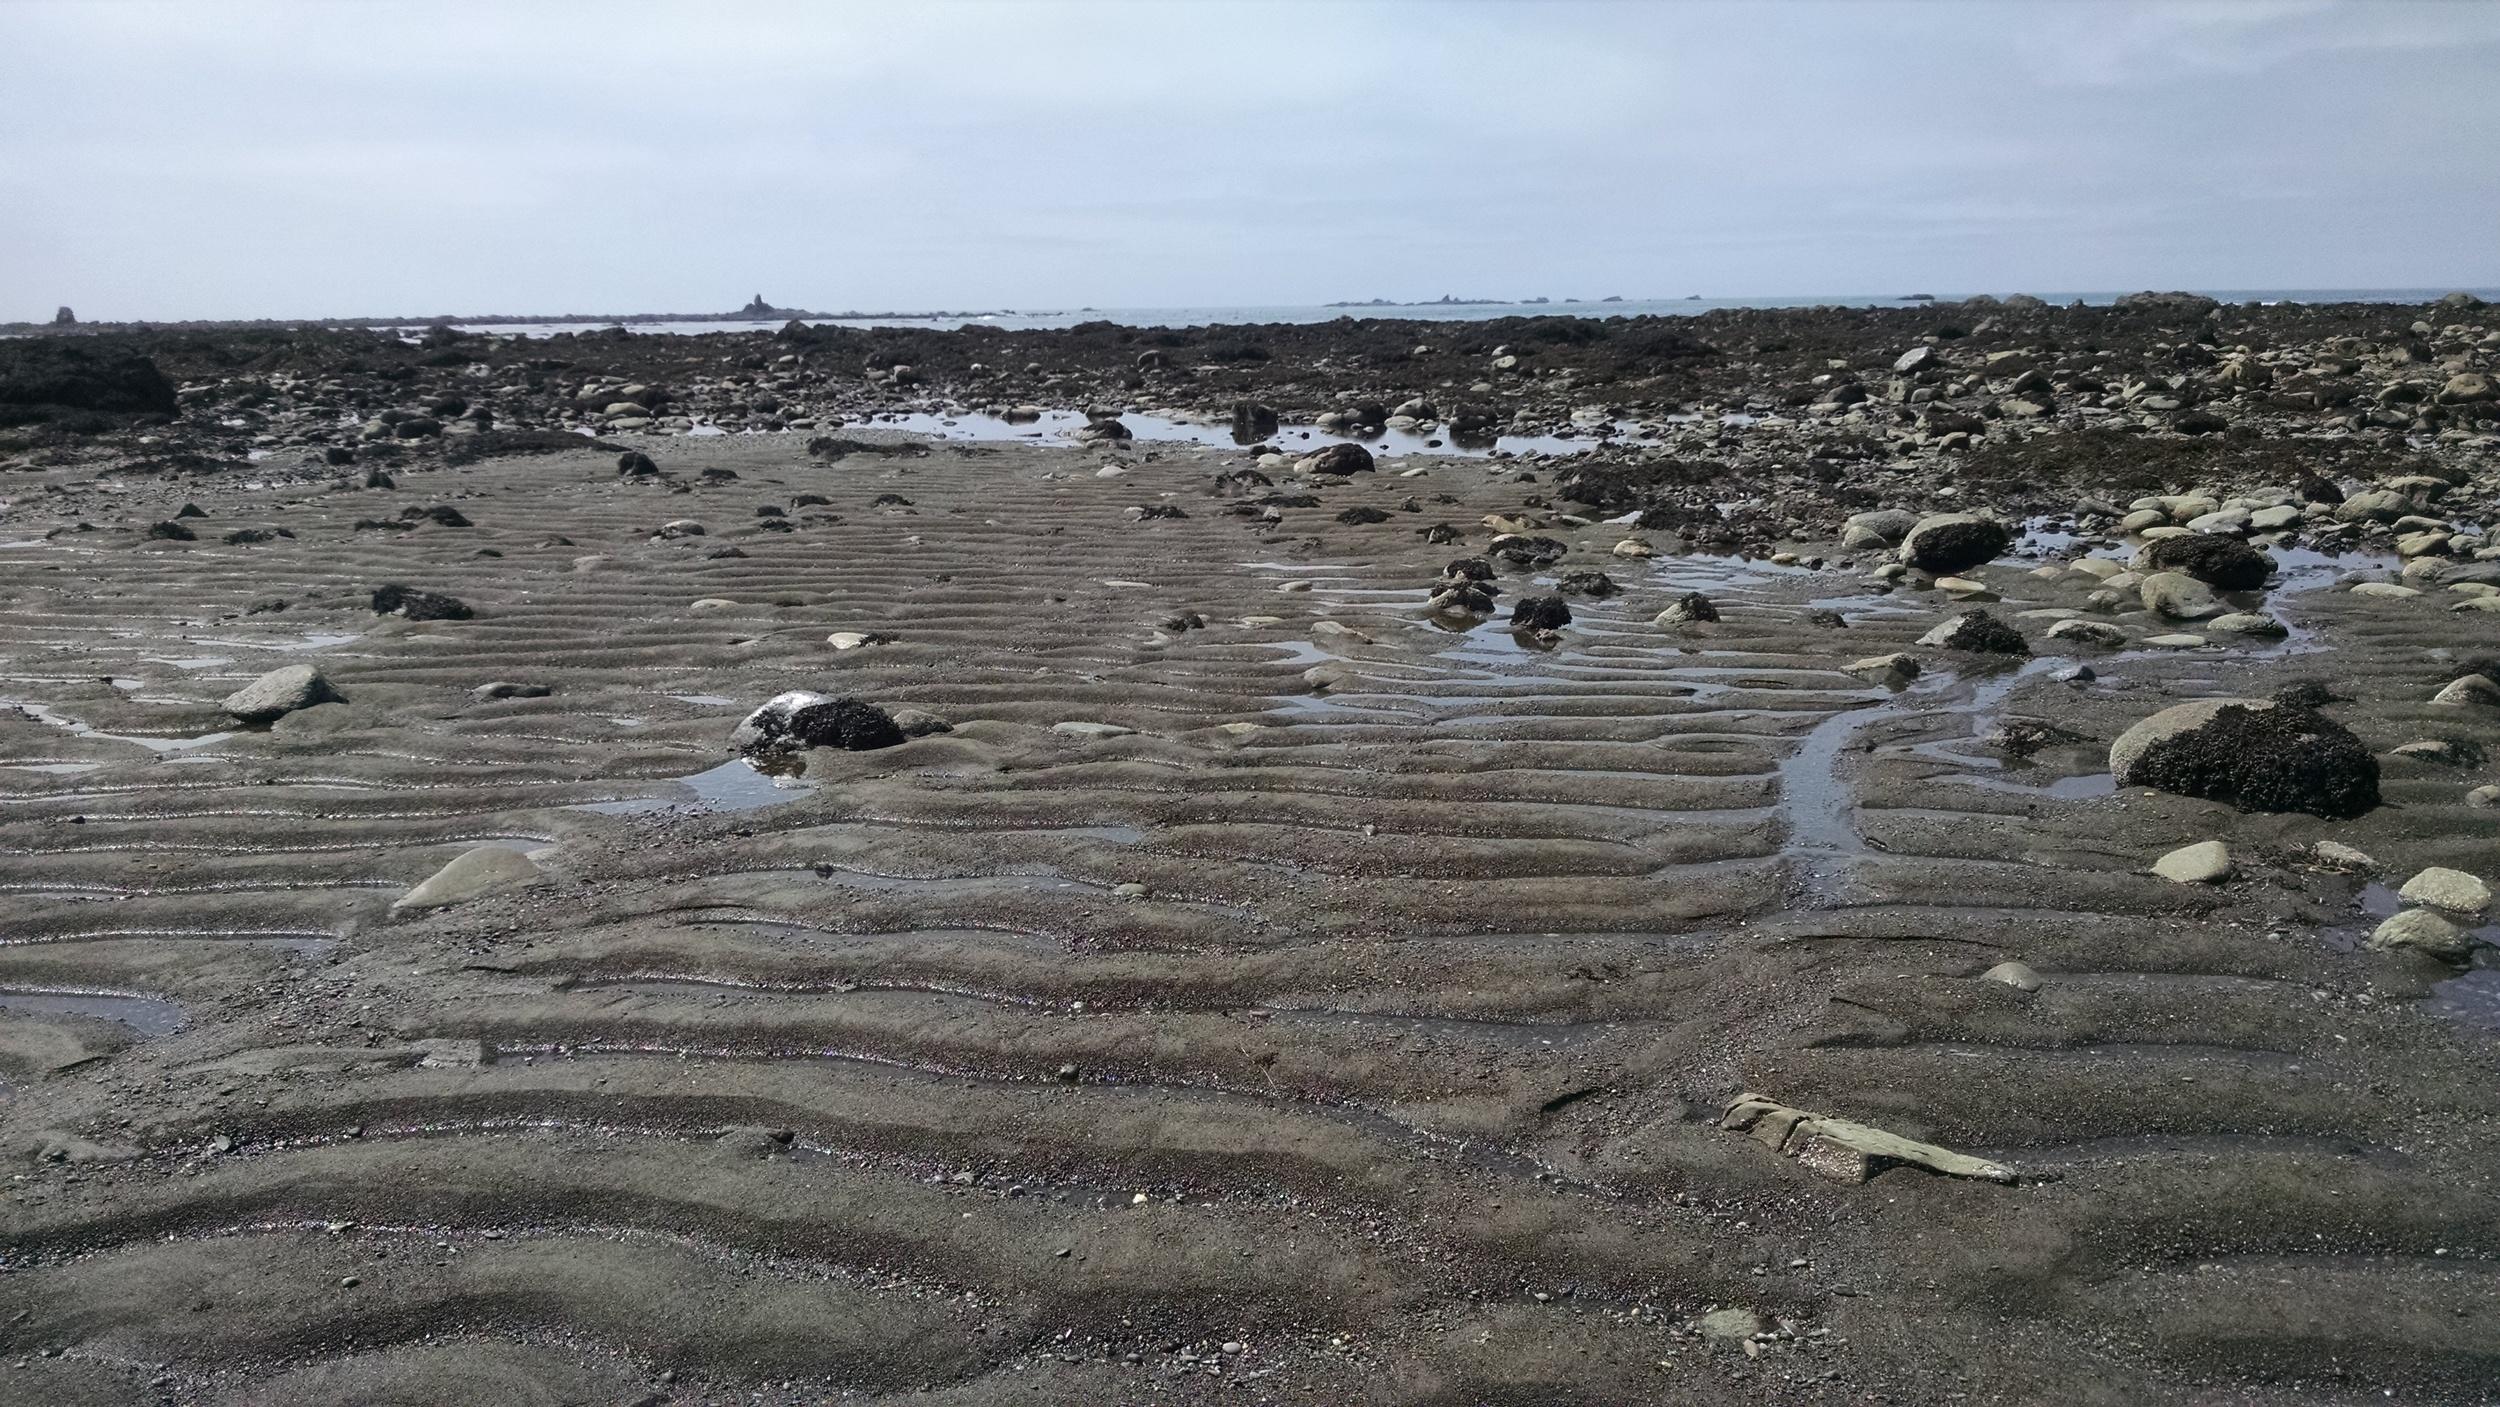 Strewn with rocks